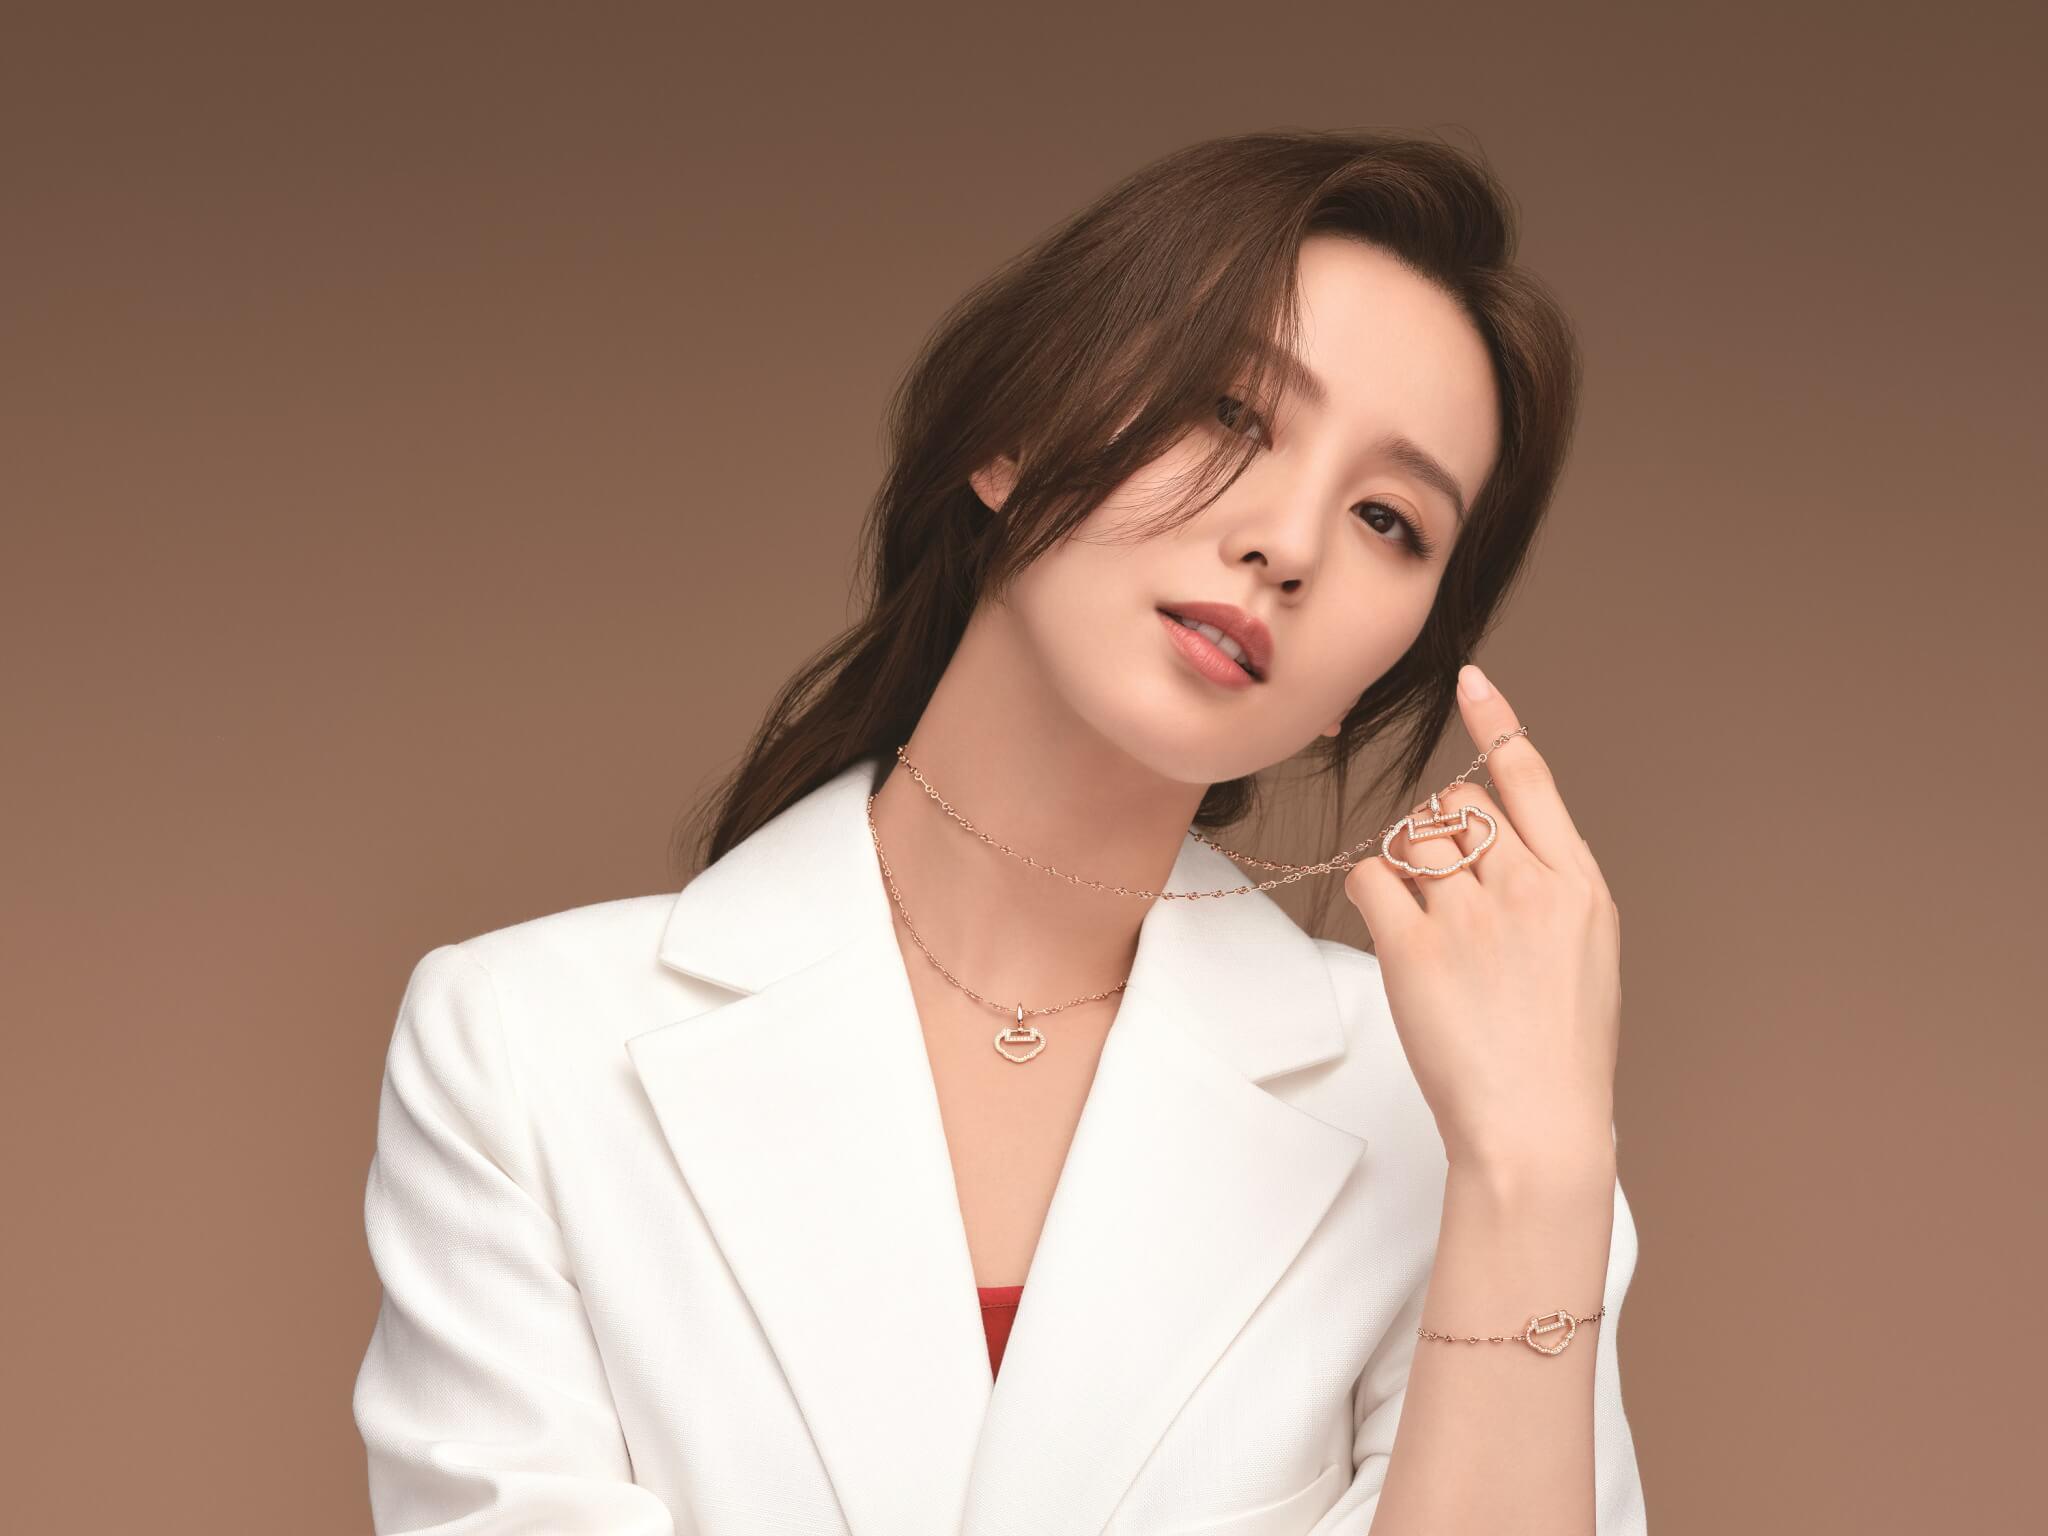 品牌代言人劉詩詩佩戴着全新的Yu Yi系列